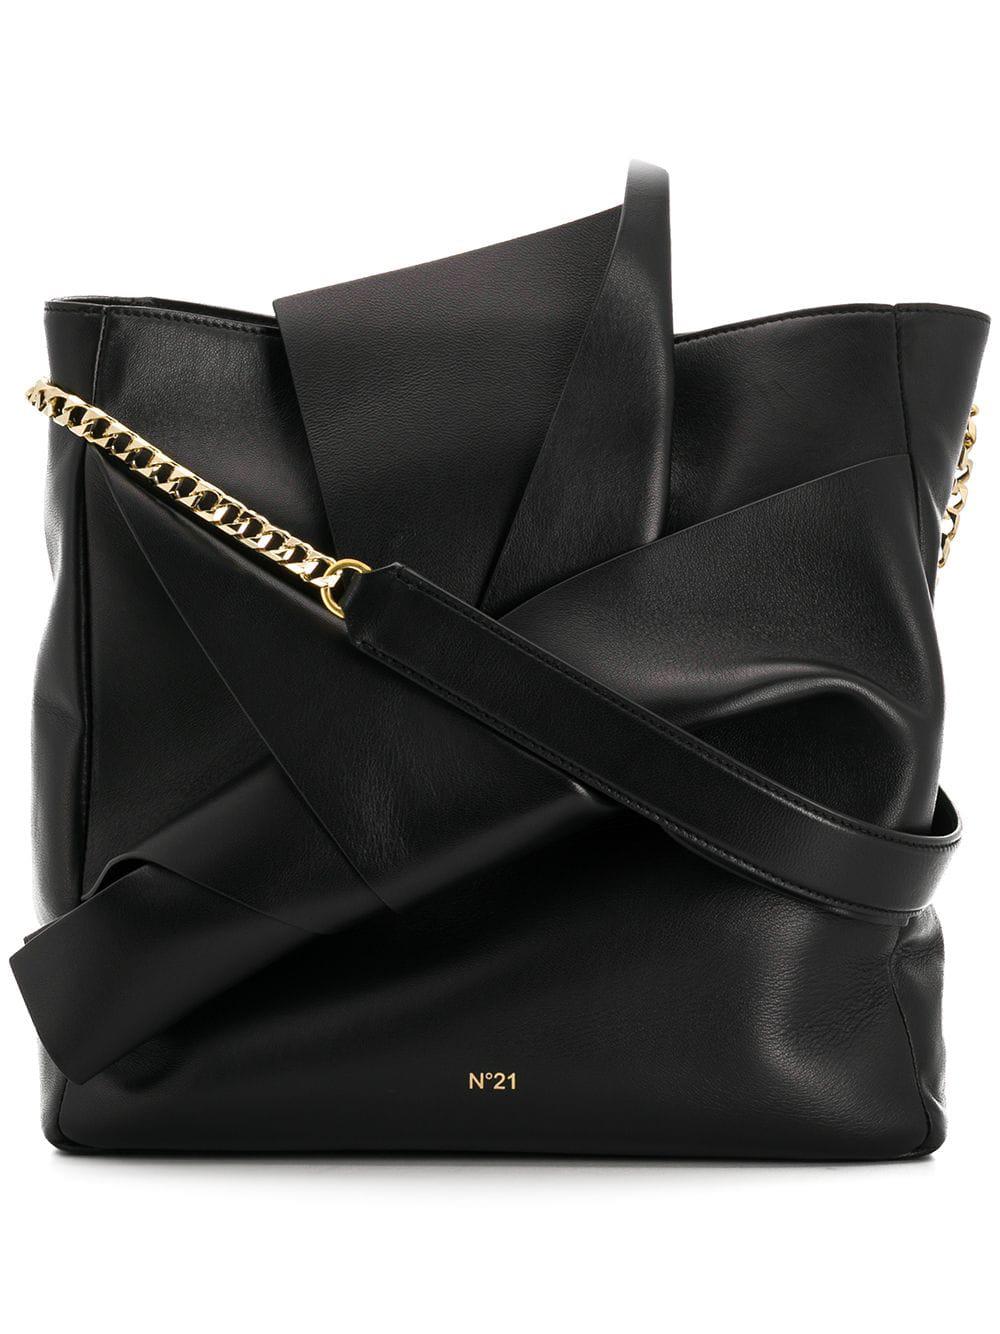 N°21 Nº21 Bow Embellished Shoulder Bag - Black